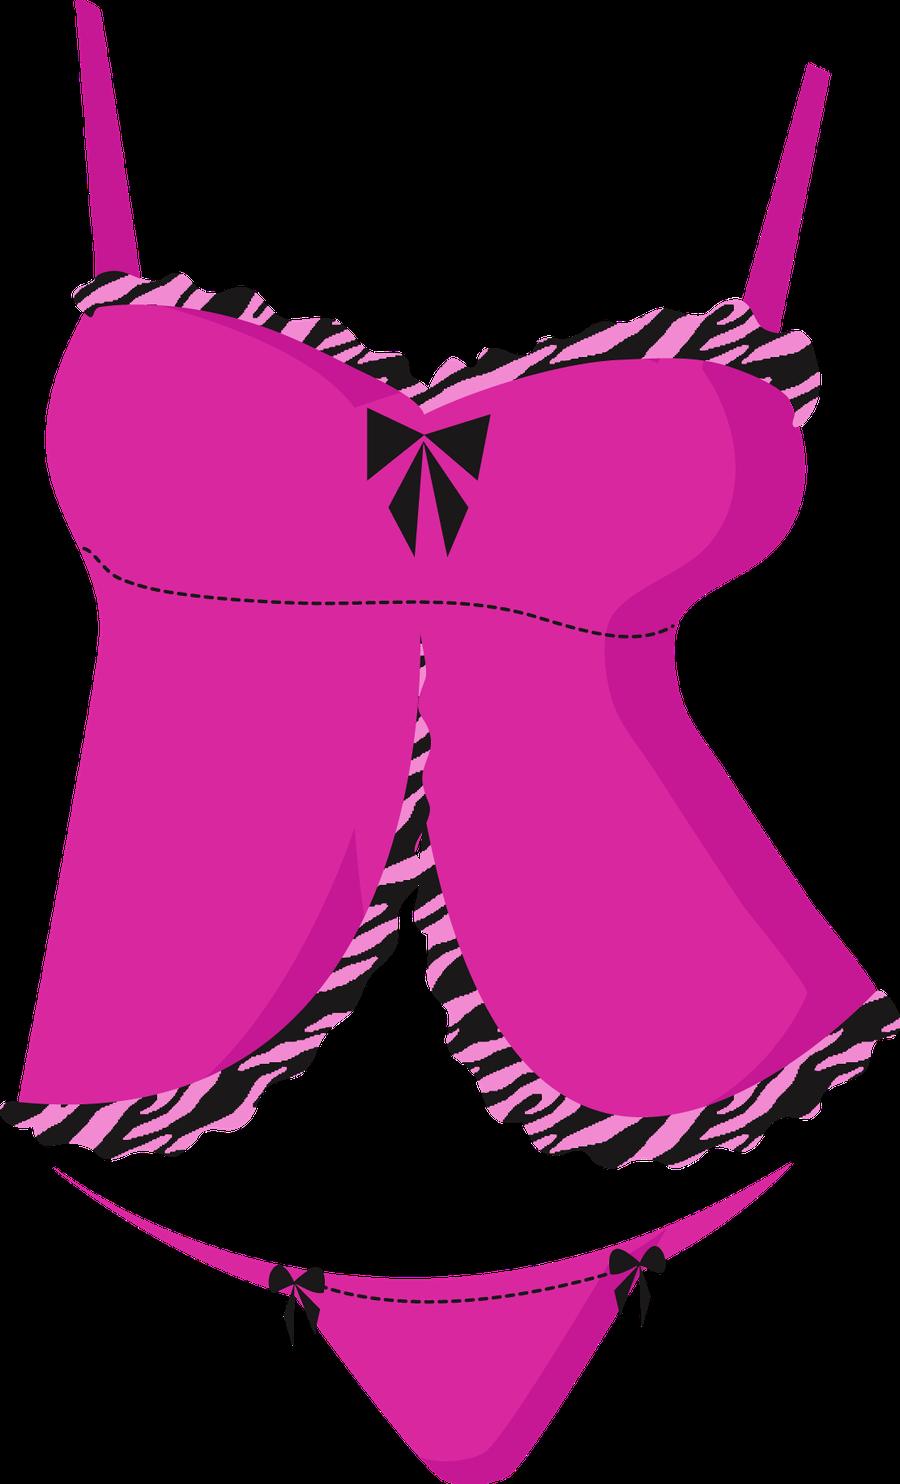 Underwear clipart lace underwear, Underwear lace underwear.